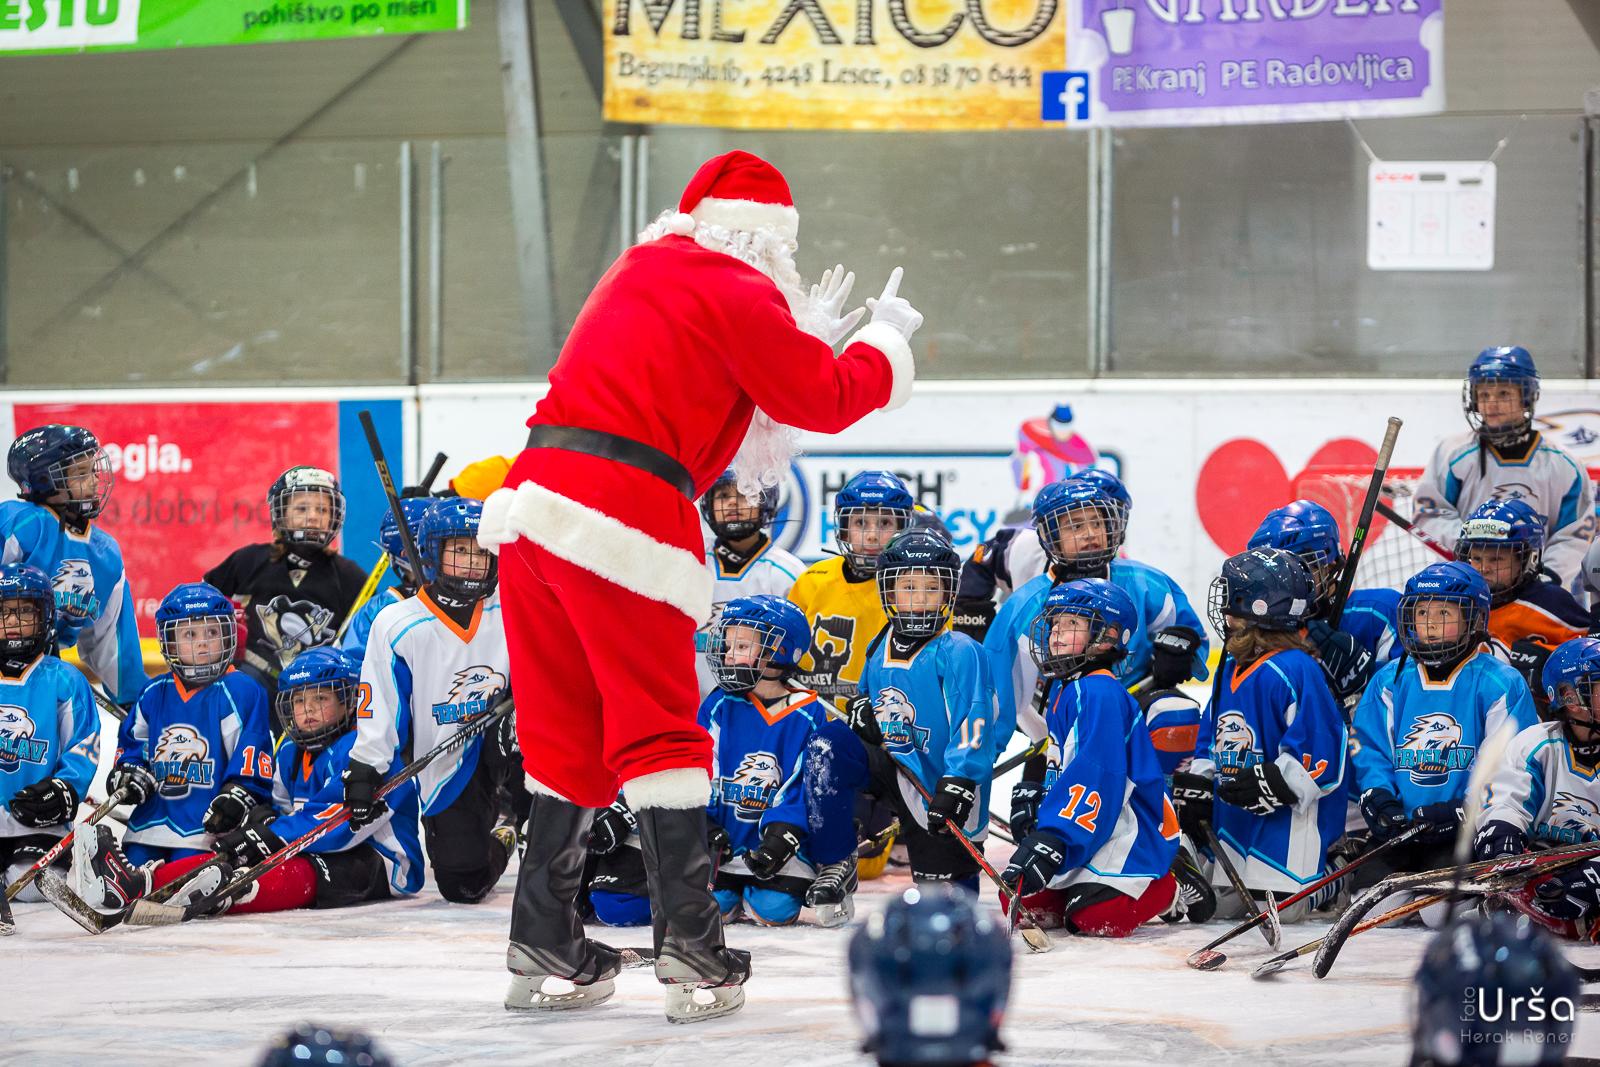 Obisk božička na ledu, 20. 12. 2018